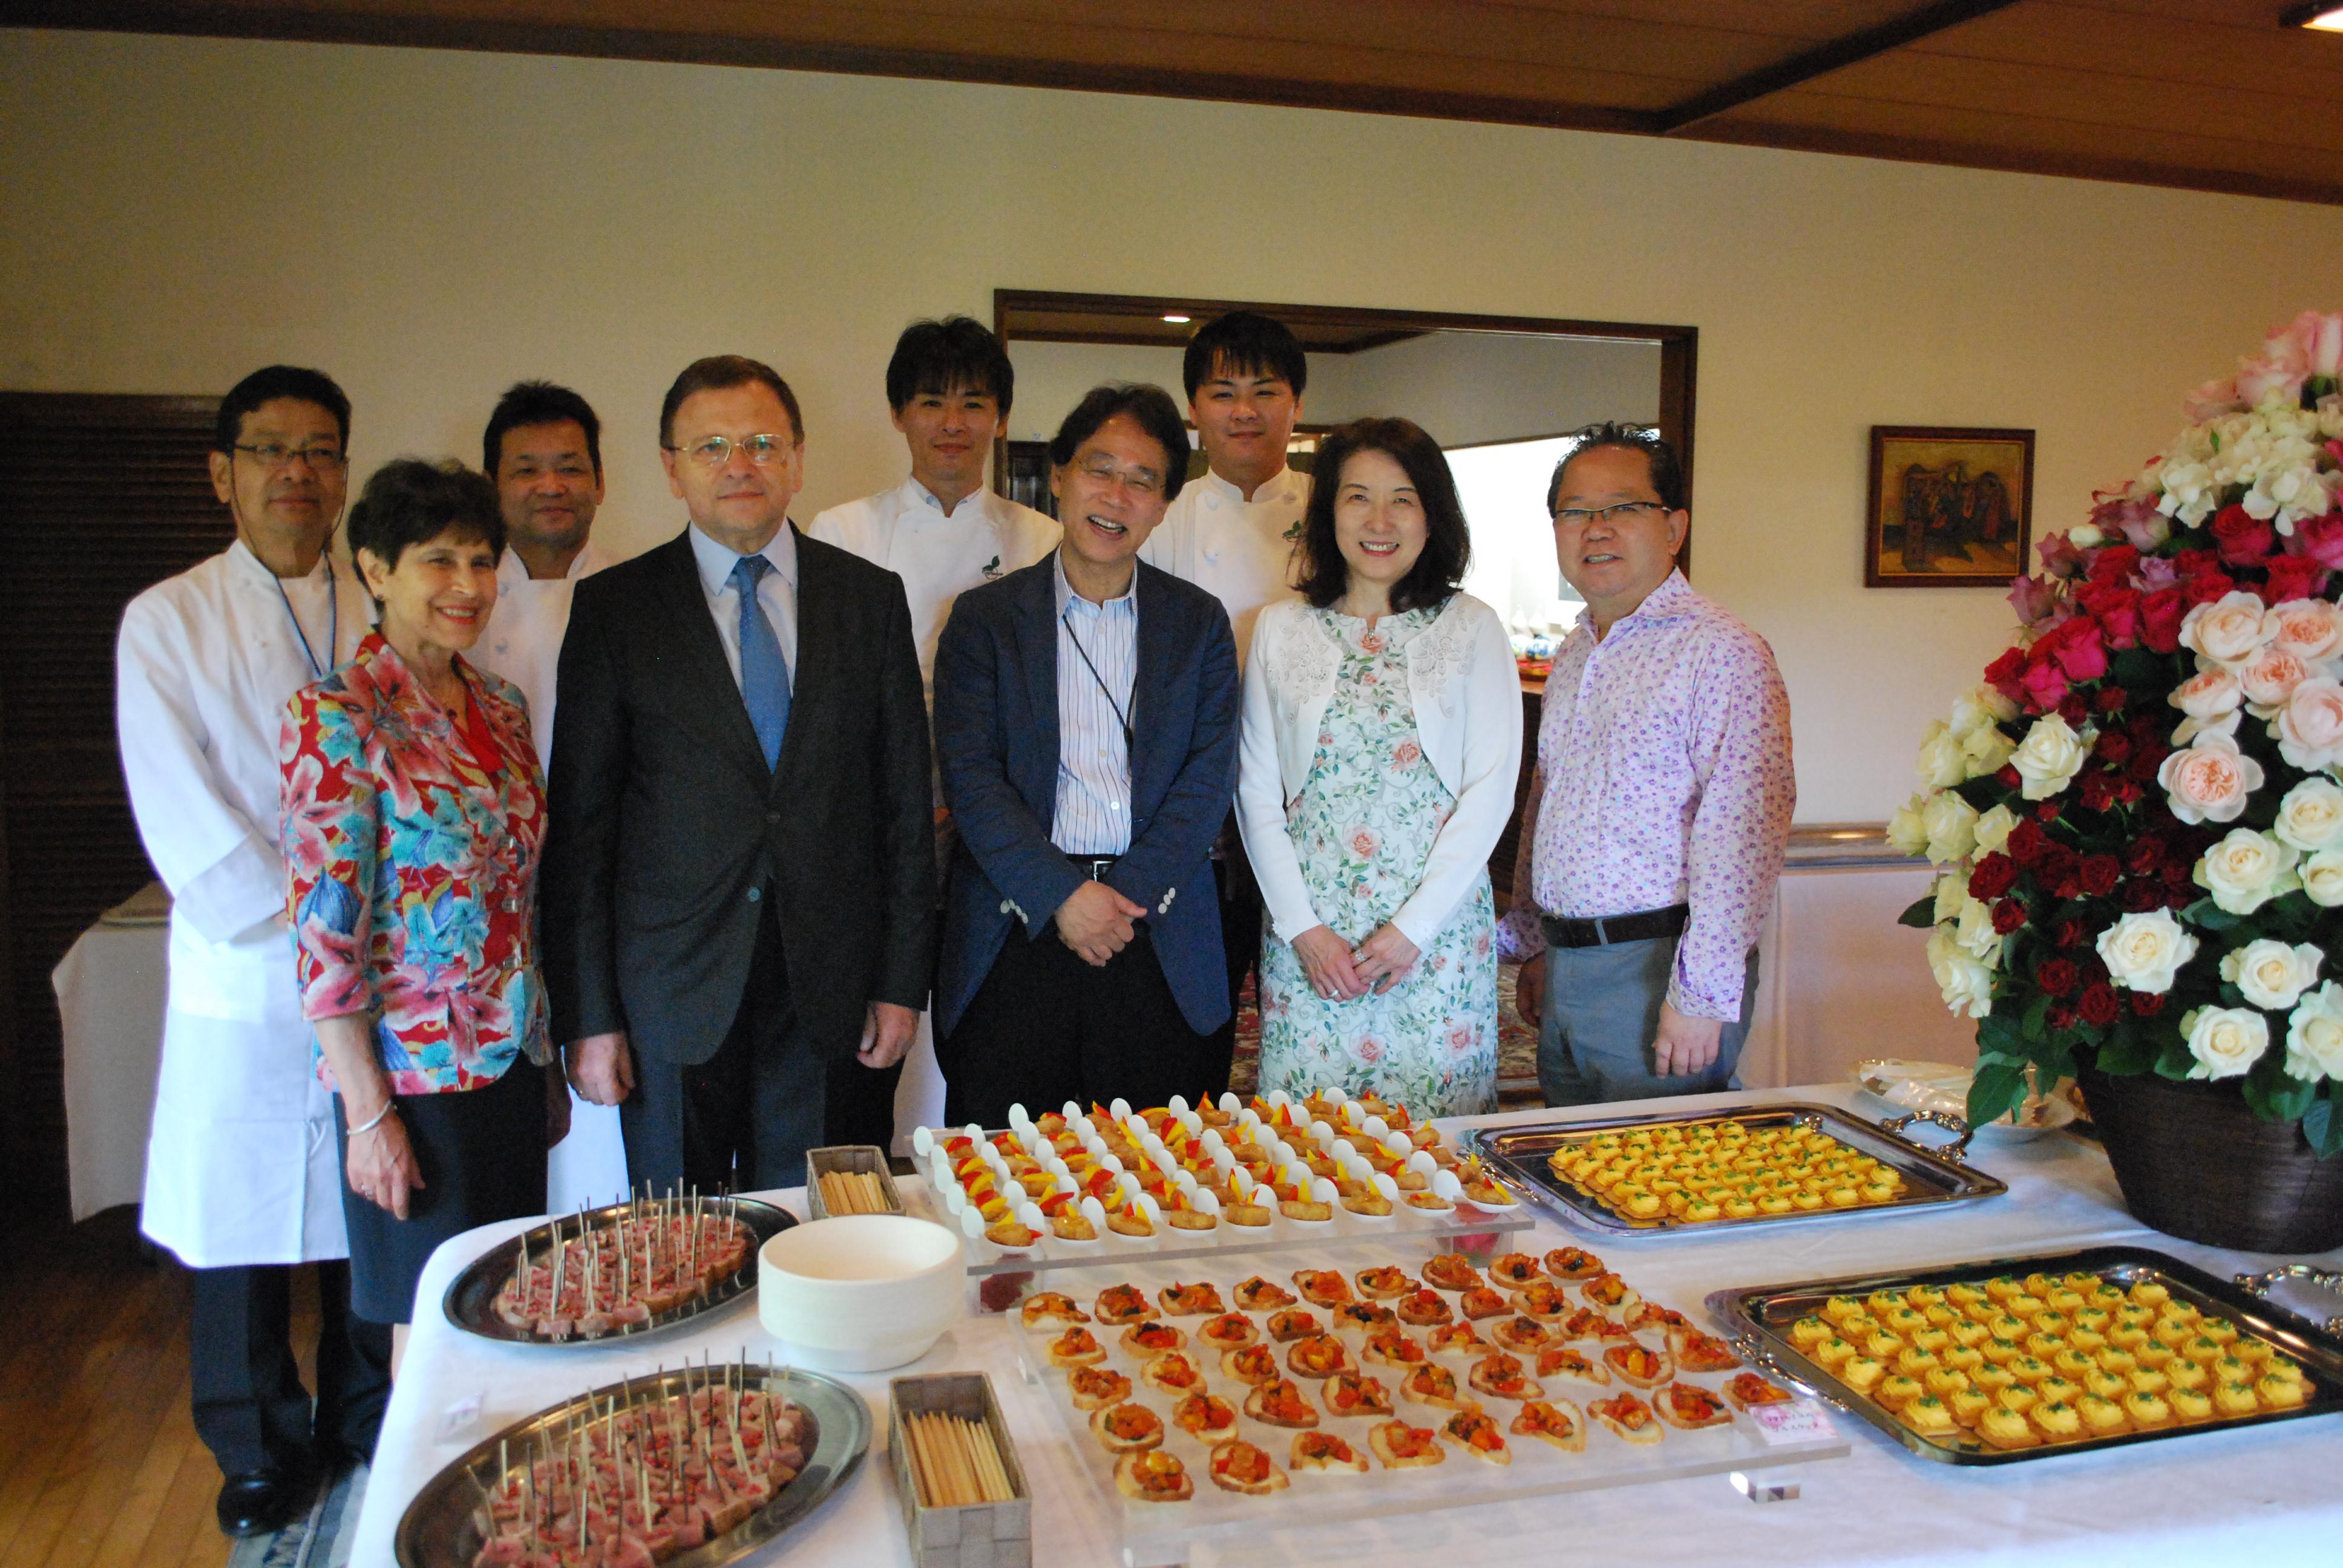 ブルガリア大使夫妻 バラの日の集いにて